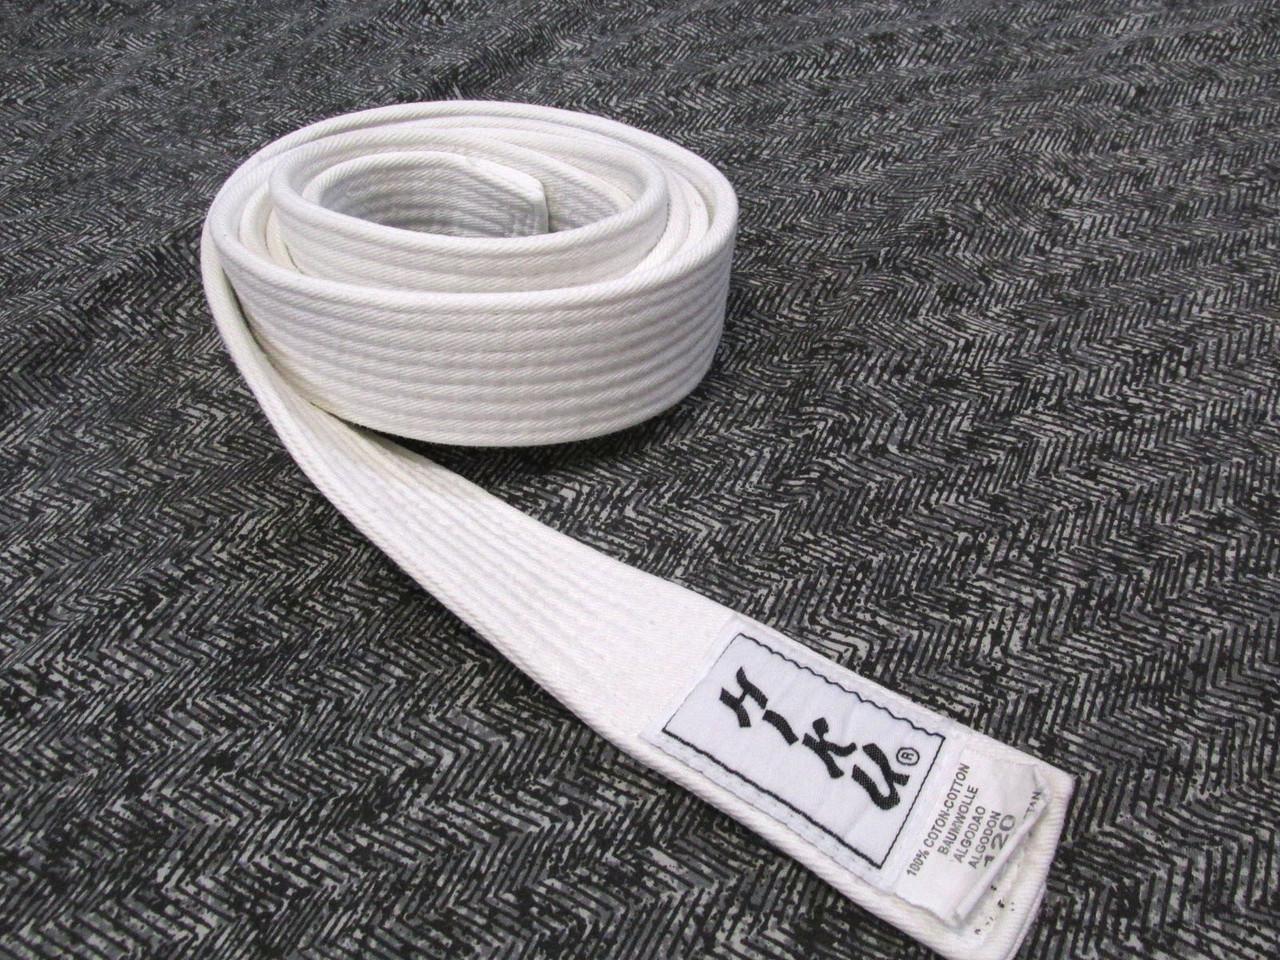 Пояс кимоно Hiku, 120, (195х4 см), Cotton, Отл сост!